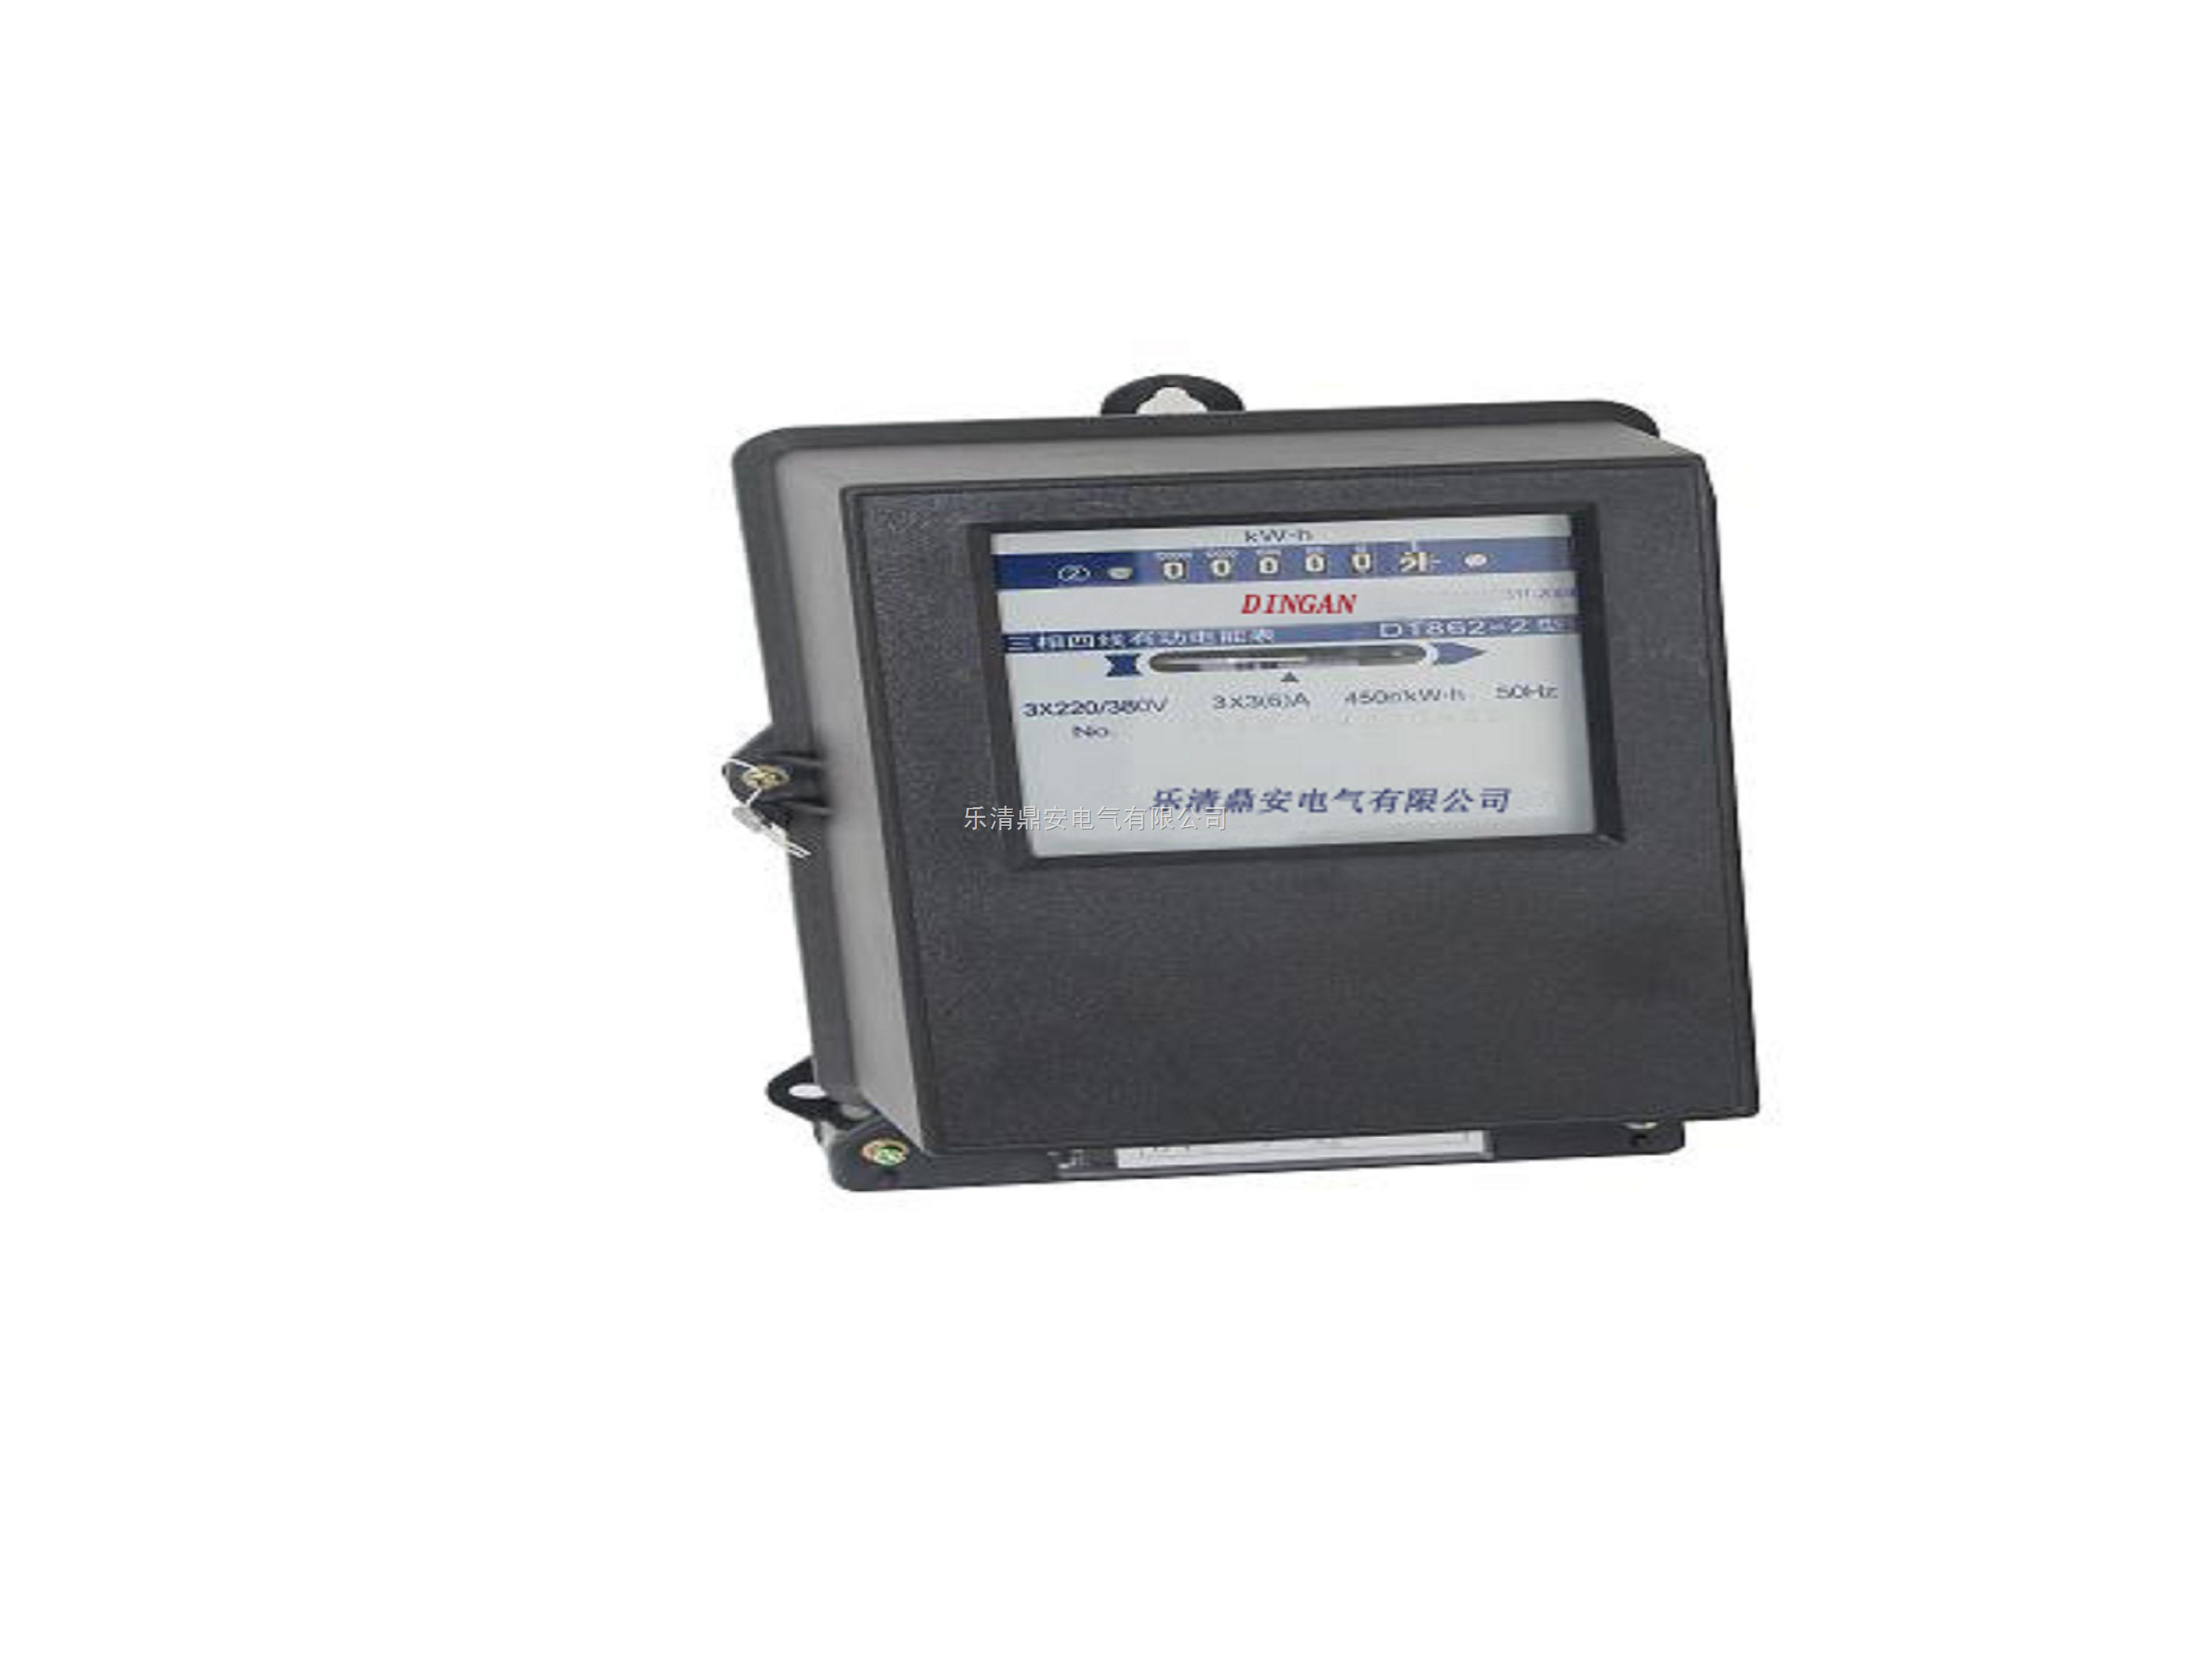 三相交流有功和无功电能表系计量额定频率50HZ,三相交流电网中有功或无功电能消耗的感应式仪表。三相有功电能表技术 性能完全符合GB/T15283-94国家标准及IEC62053-11国际标准,三相无功电能表技术性能完全符合GB/T15282-94国家标准。 三相三线机械式有功电能表型号规格